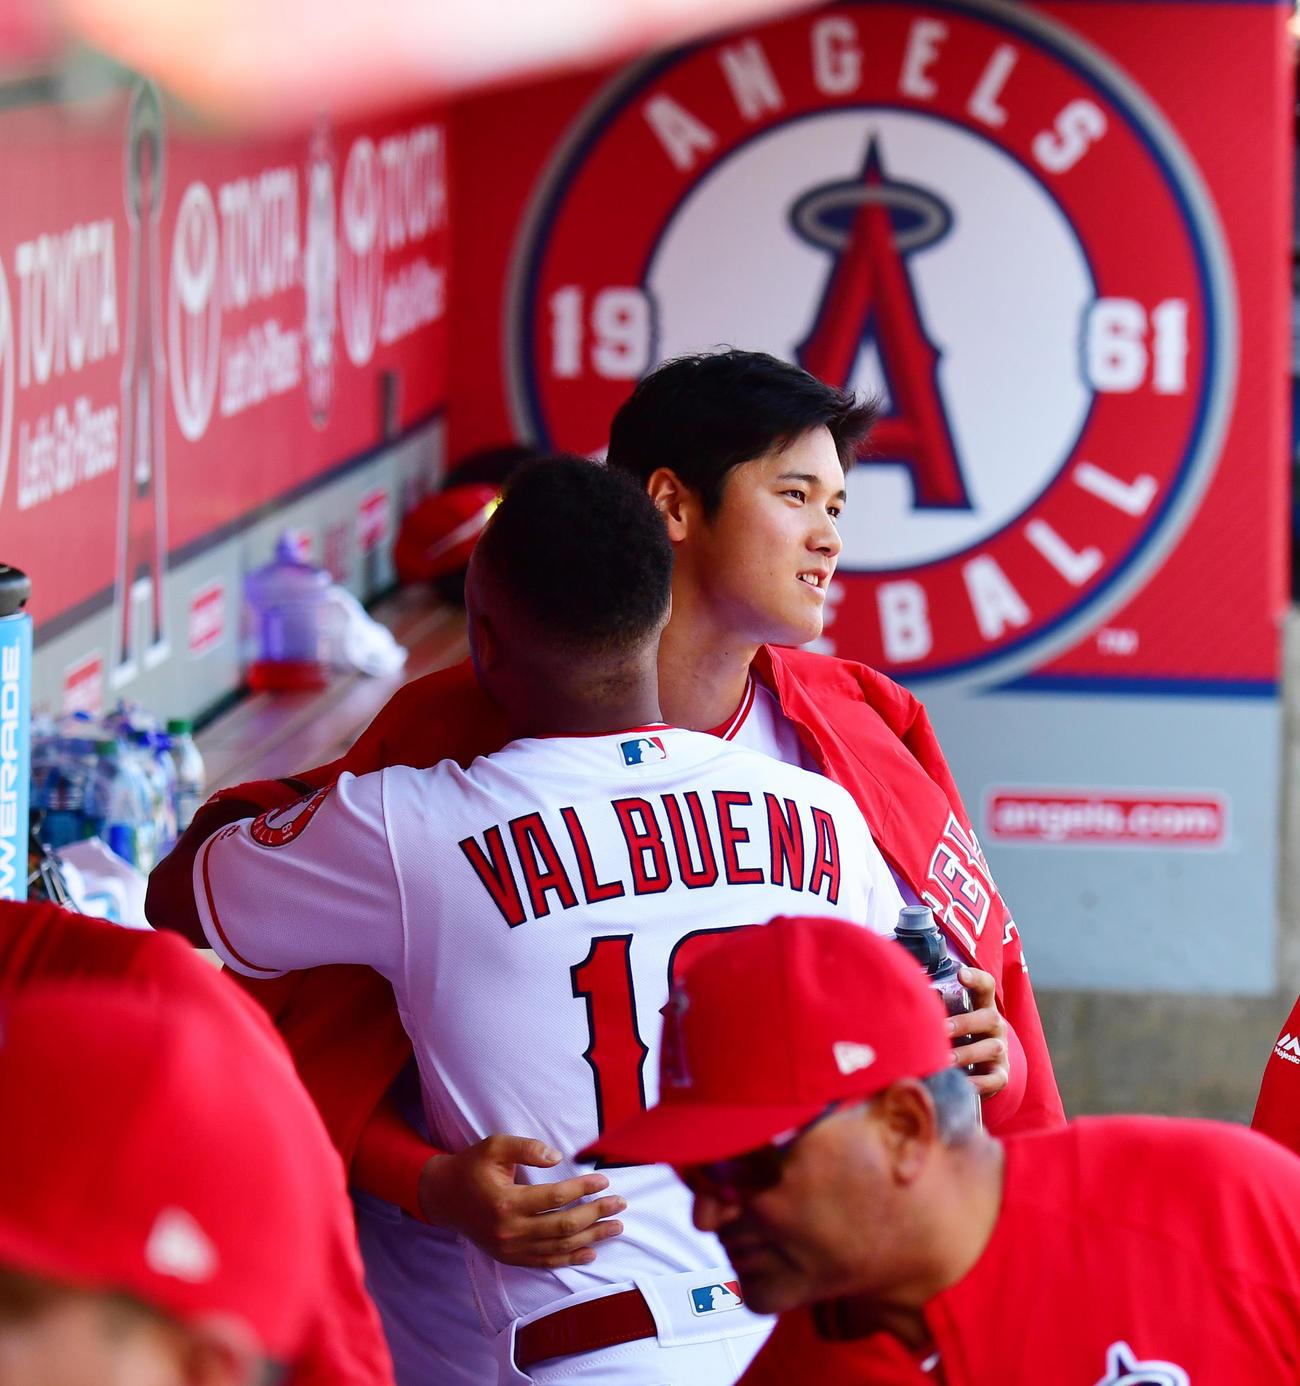 【MLB】大谷翔平の同僚バルブエナ、元横浜カスティーヨが事故死 元燕リベロは生存確認